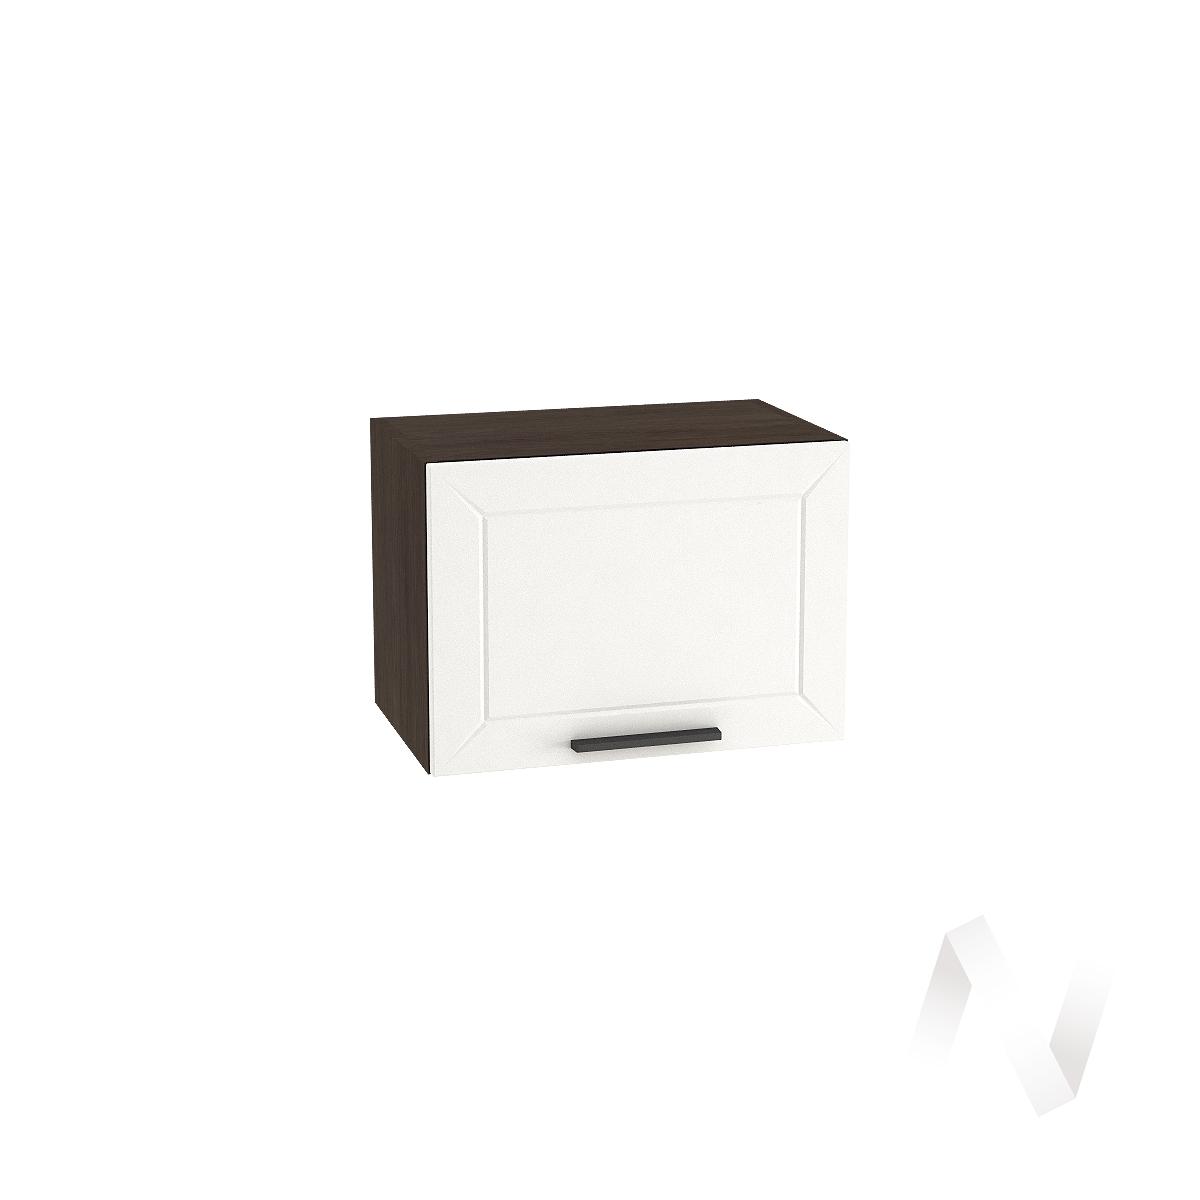 """Кухня """"Глетчер"""": Шкаф верхний горизонтальный 500, ШВГ 500 (Айленд Силк/корпус венге)"""